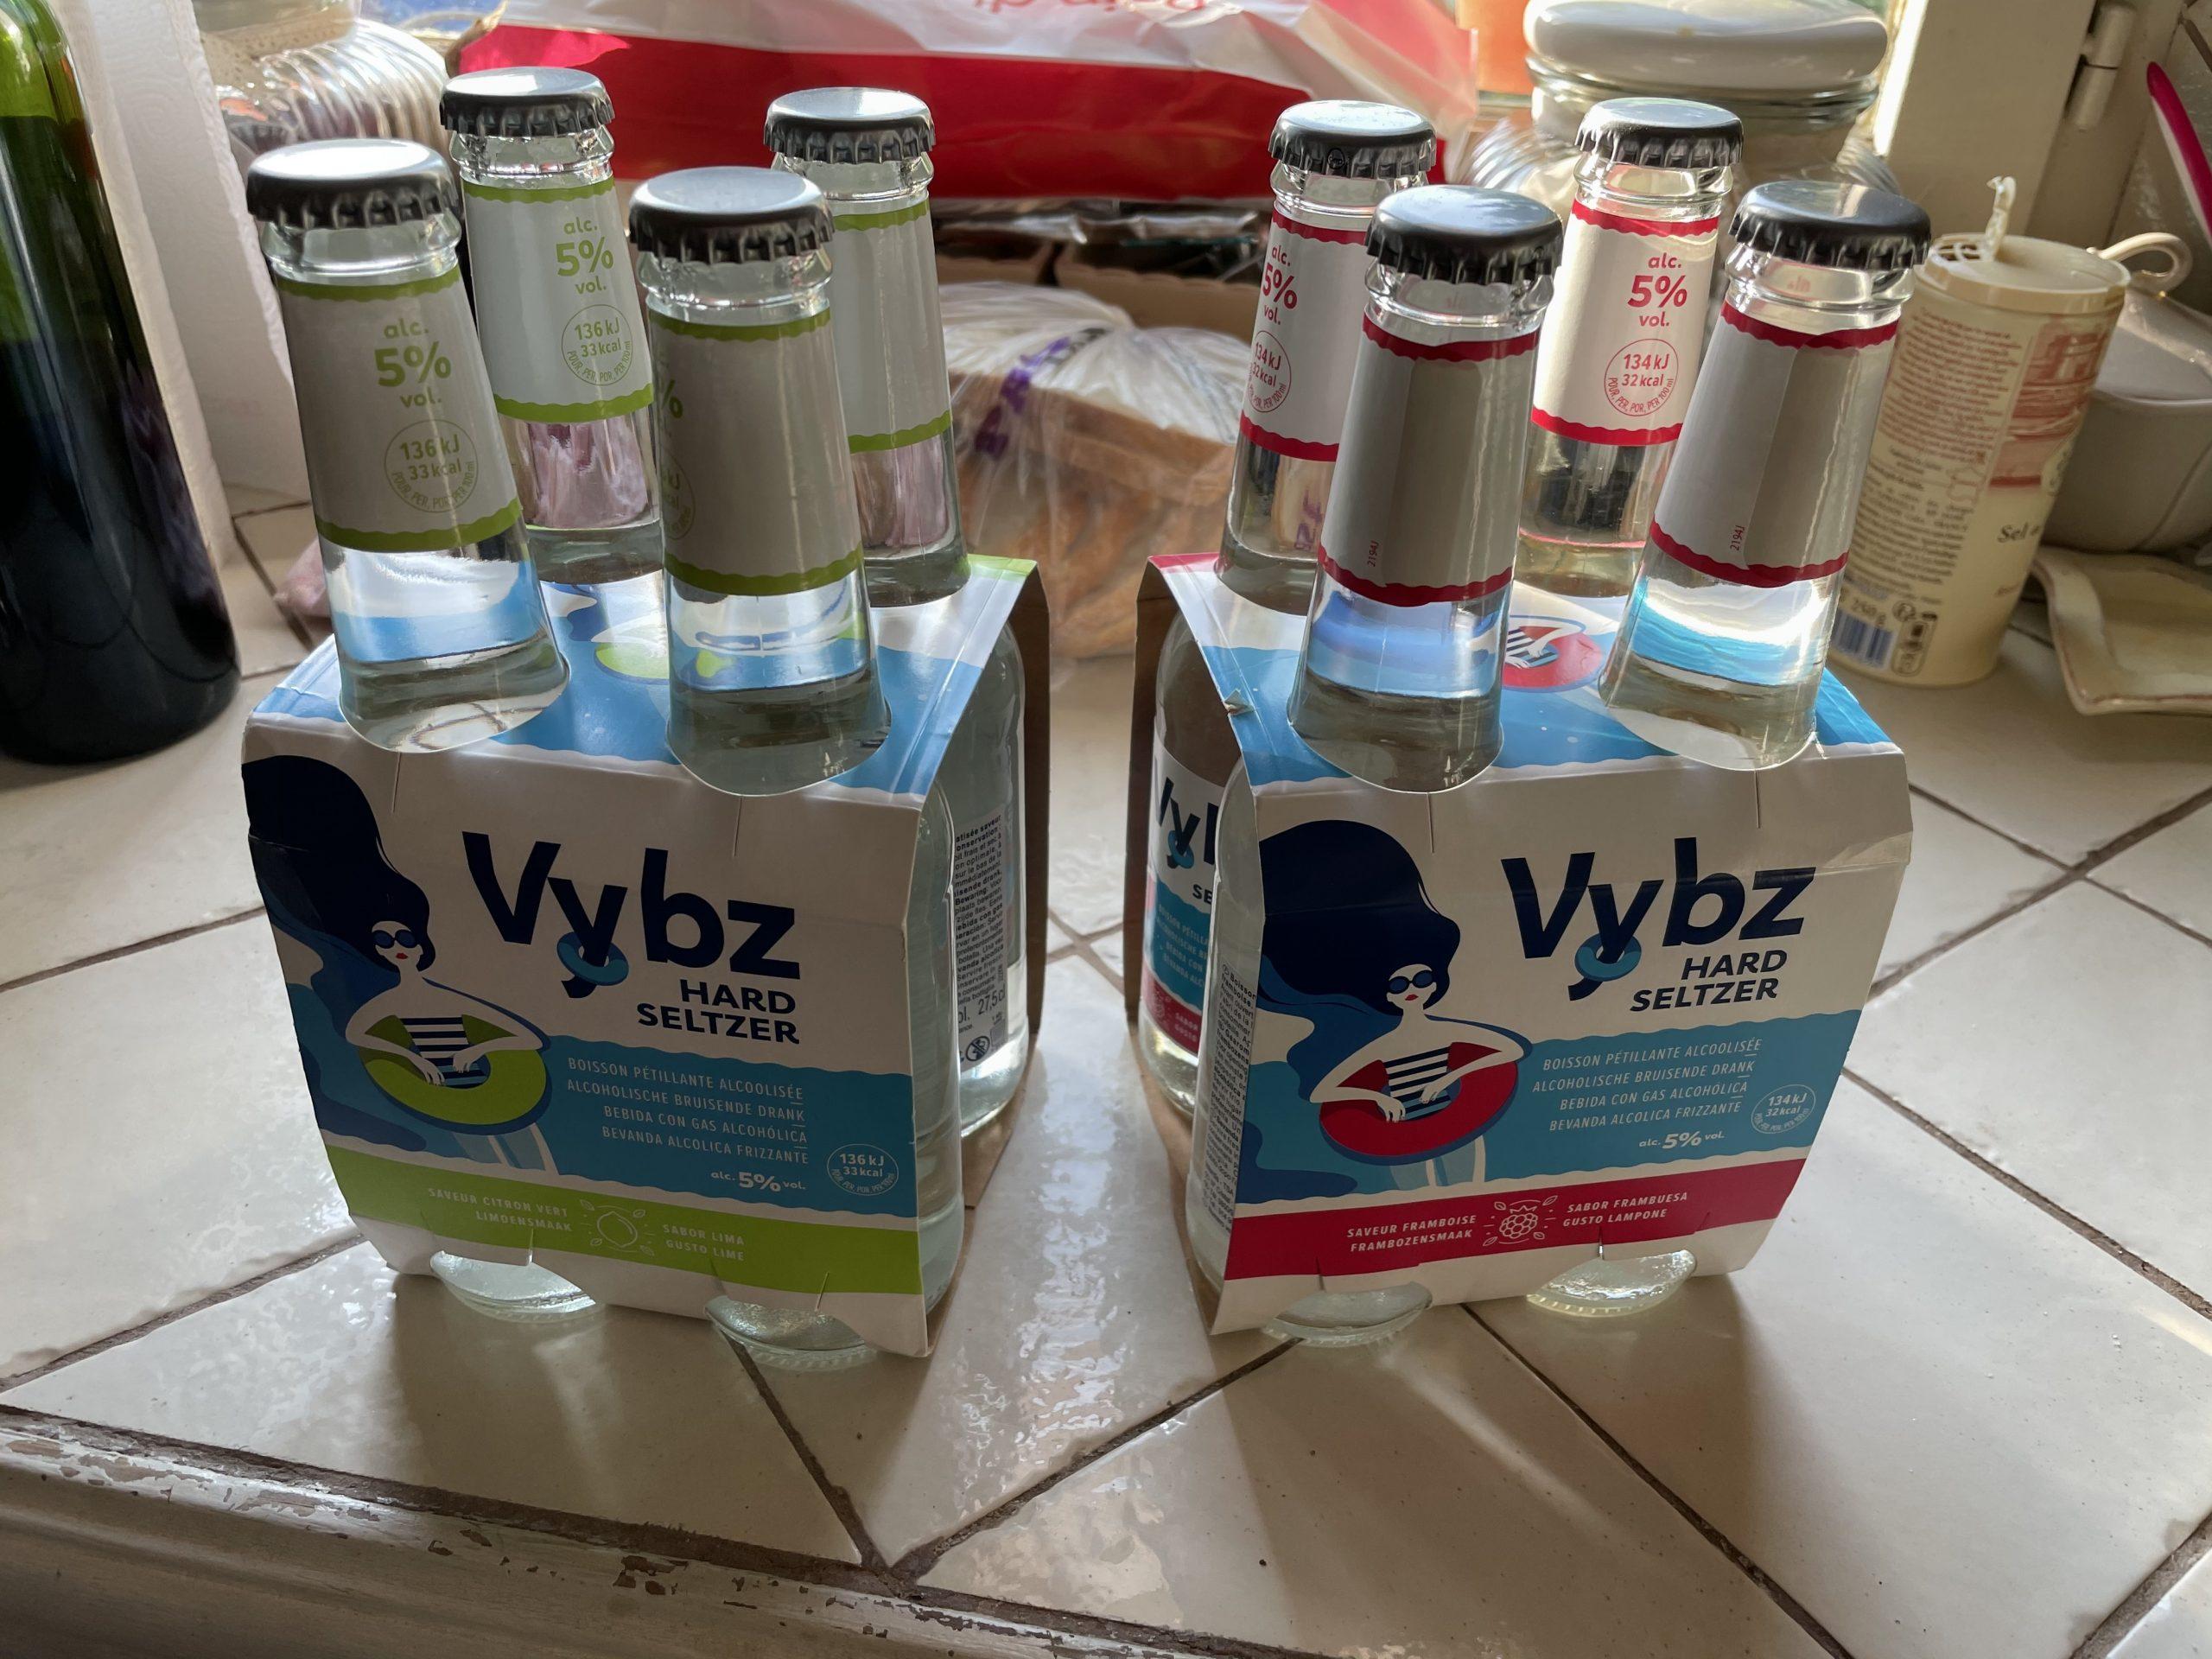 Vybz : On a testé le hard seltzer lancé par Carrefour